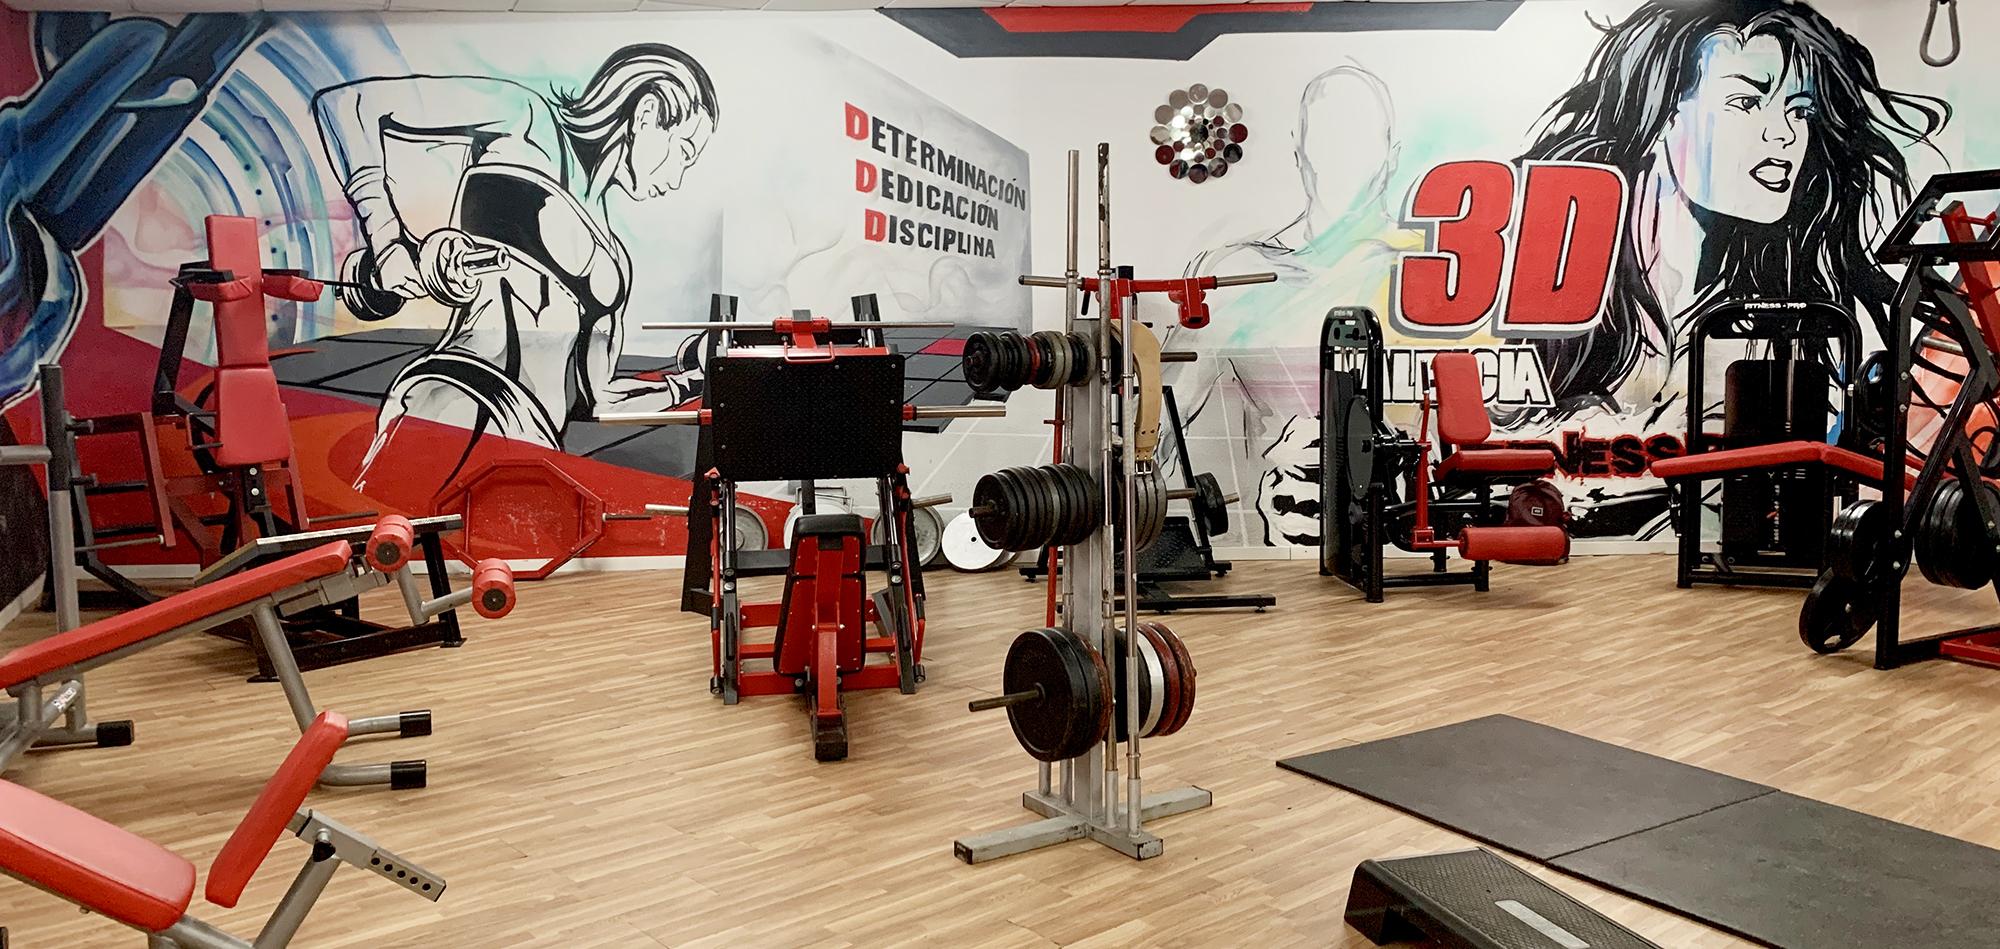 instalaciones-gym-3d valencia-01